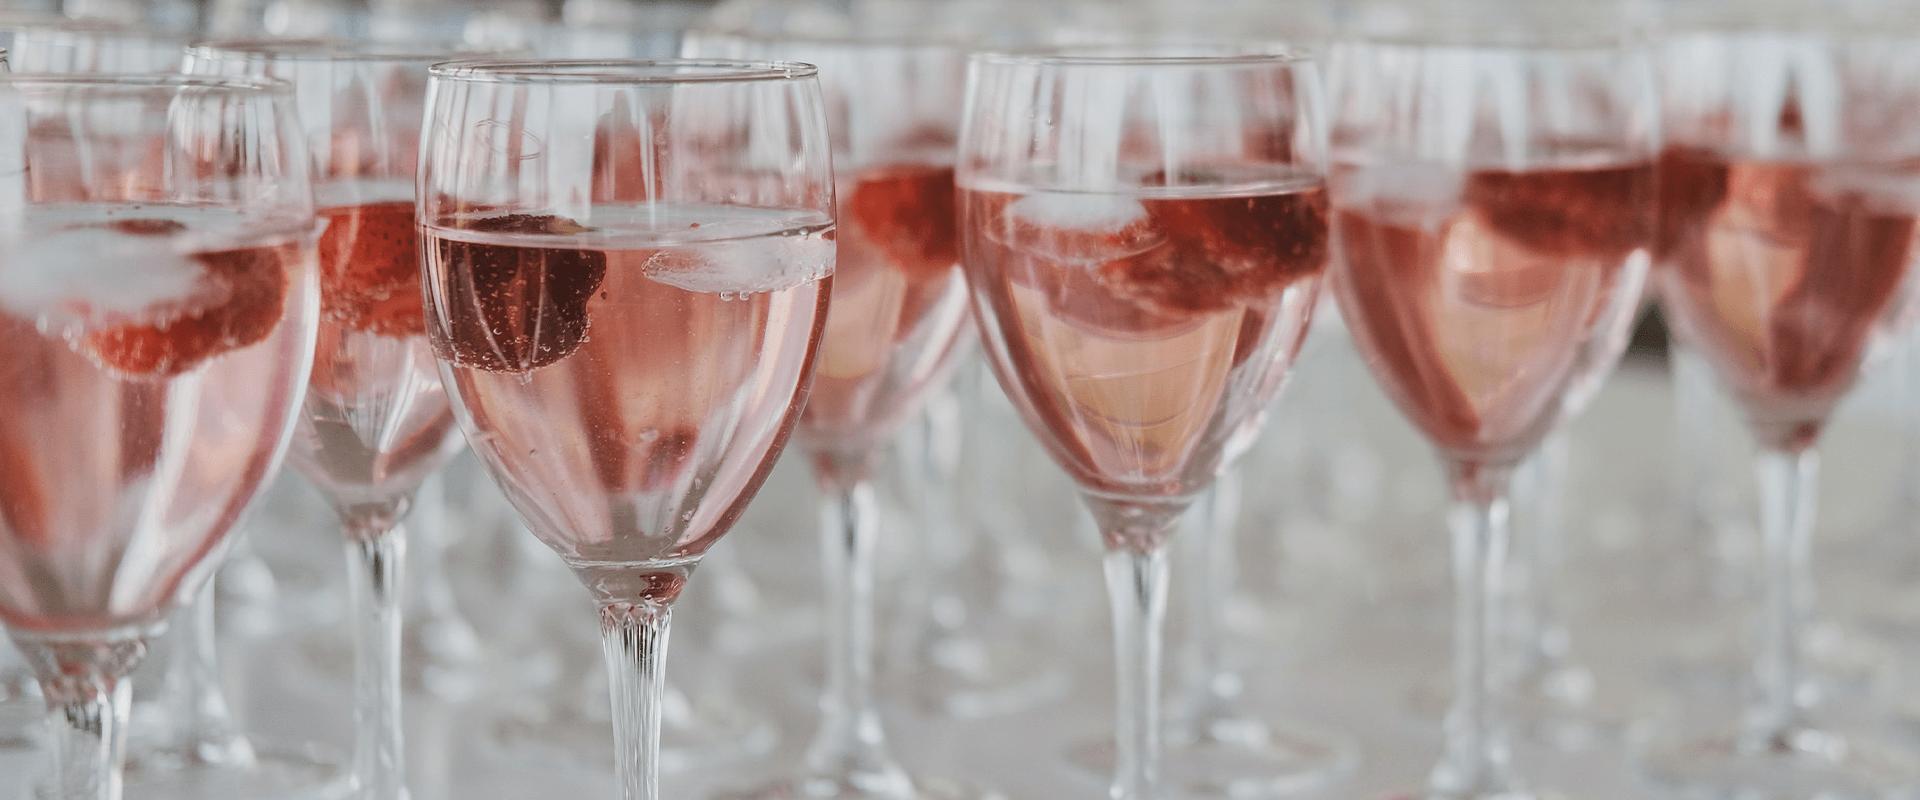 5 razões pelas quais o Rosé é um vinho ideal para ser apreciado todo o ano